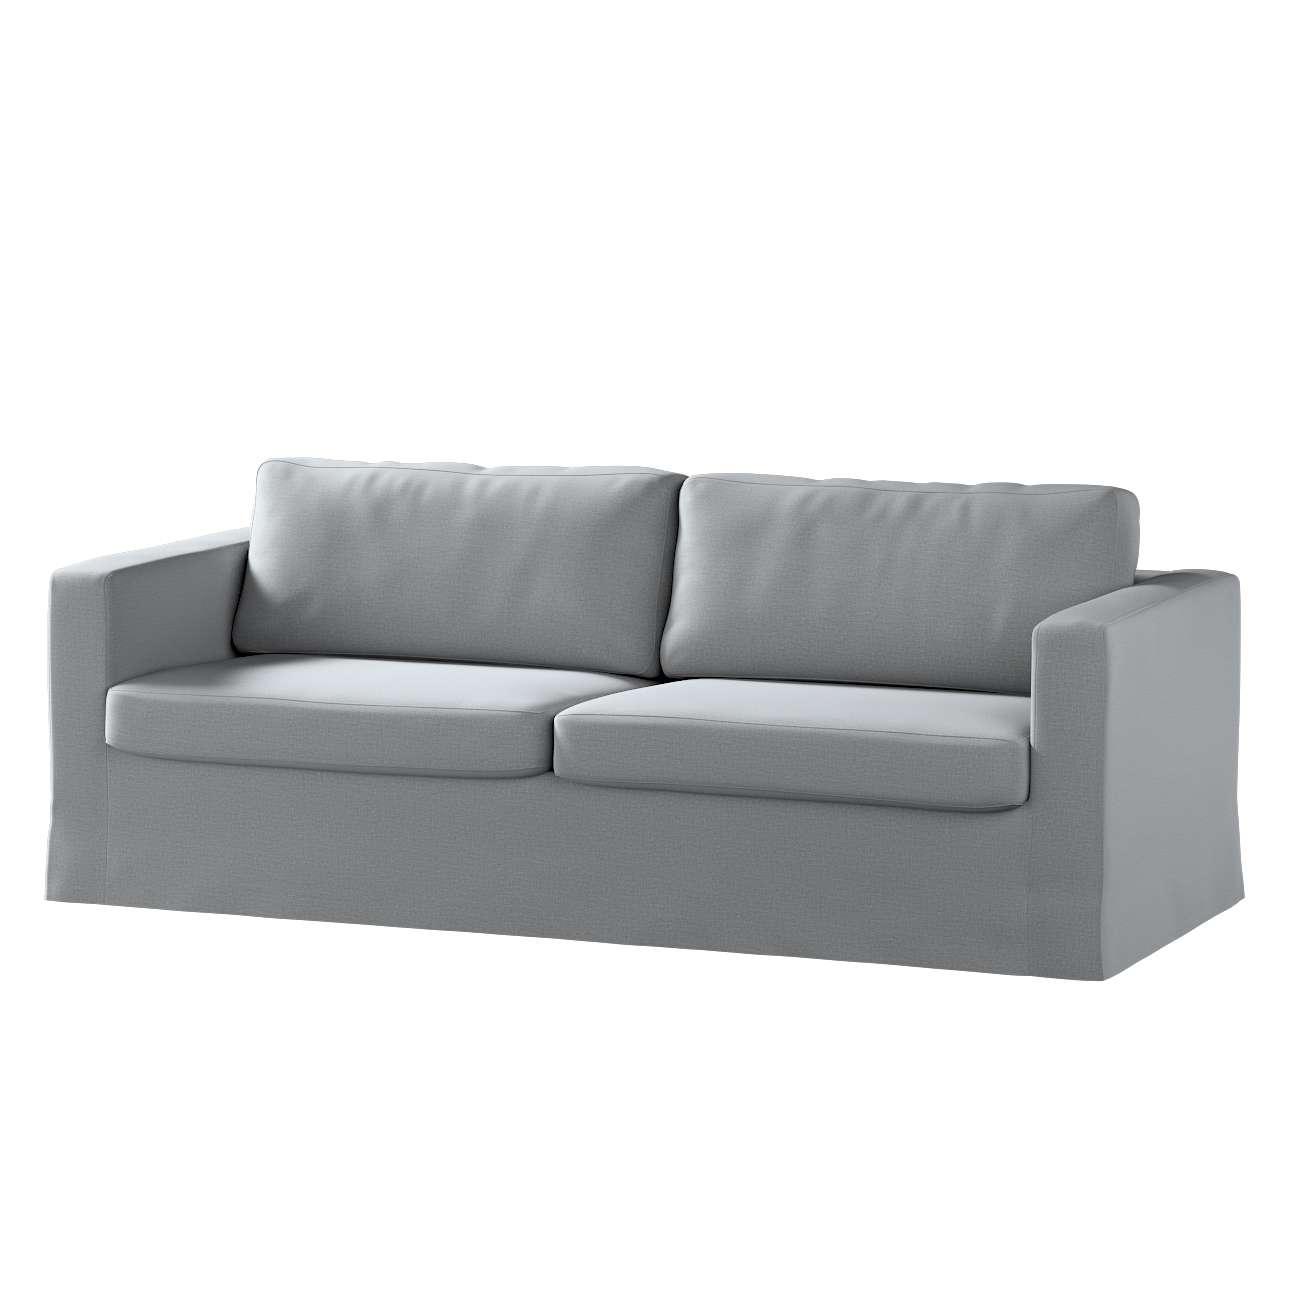 Karlstad klädsel 3-pers. soffa -  lång - 204cm i kollektionen Ingrid, Tyg: 705-42